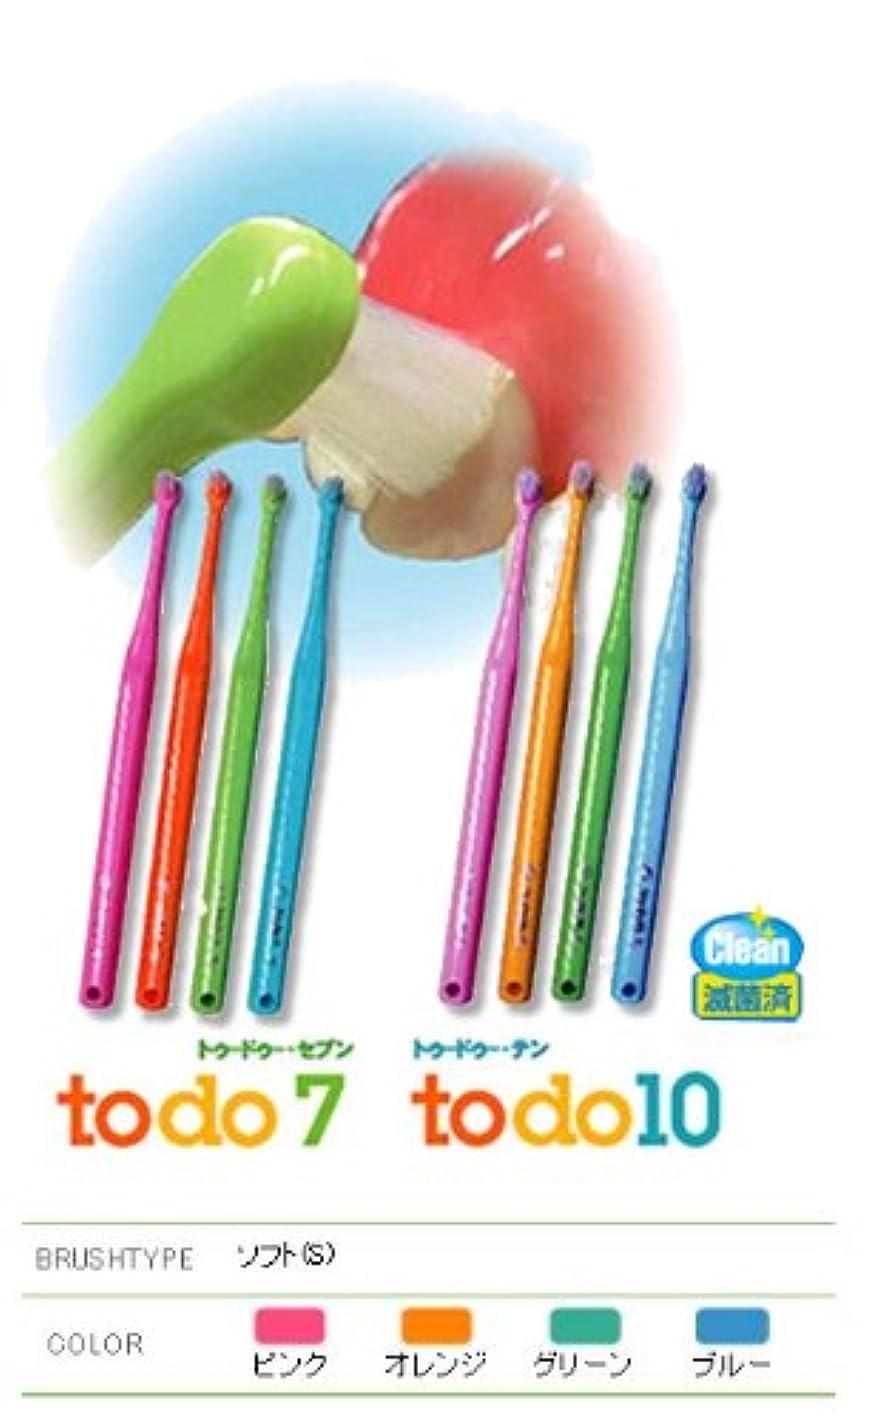 ラフ睡眠案件バブル【オーラルケア】【歯科用】todo10 1箱(24本)【歯ブラシ】【滅菌済】4色(アソート)トゥードゥー?テン